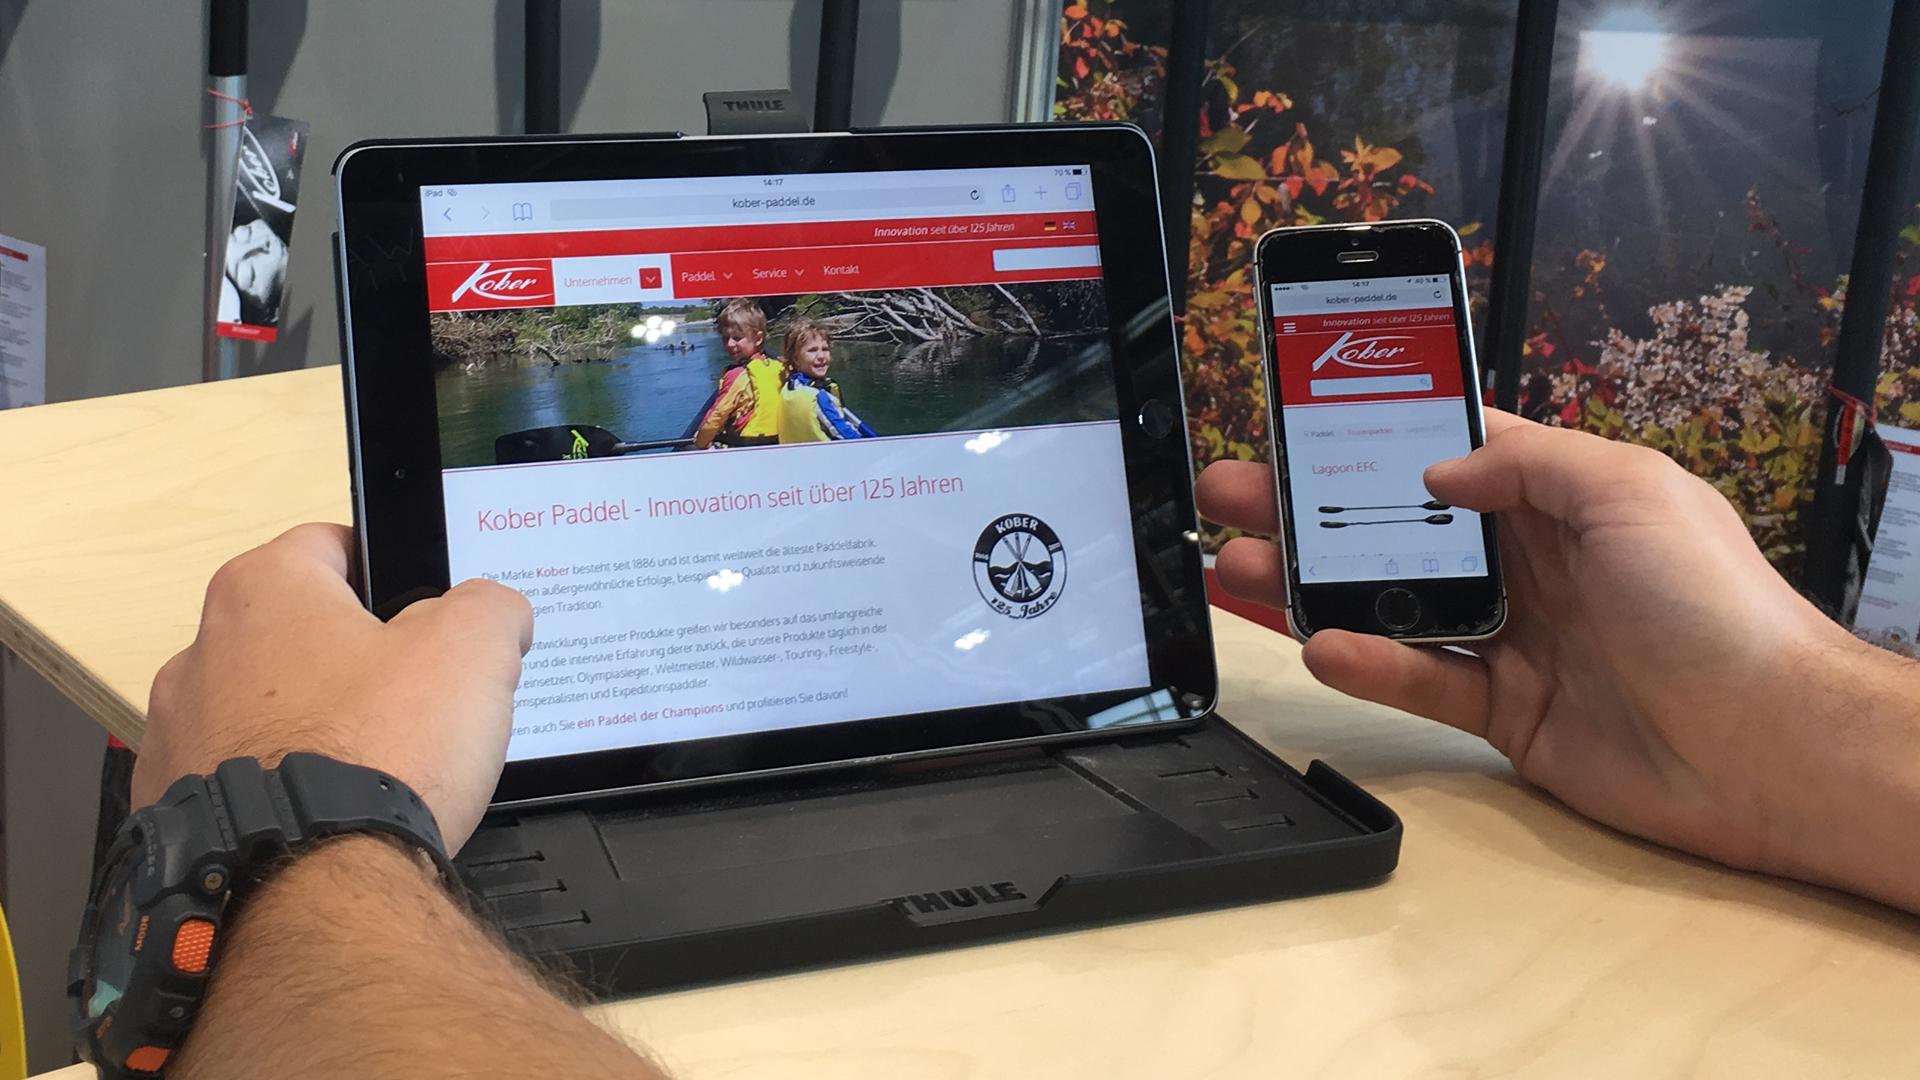 www.kober-paddel.de, www.moll-paddel.de